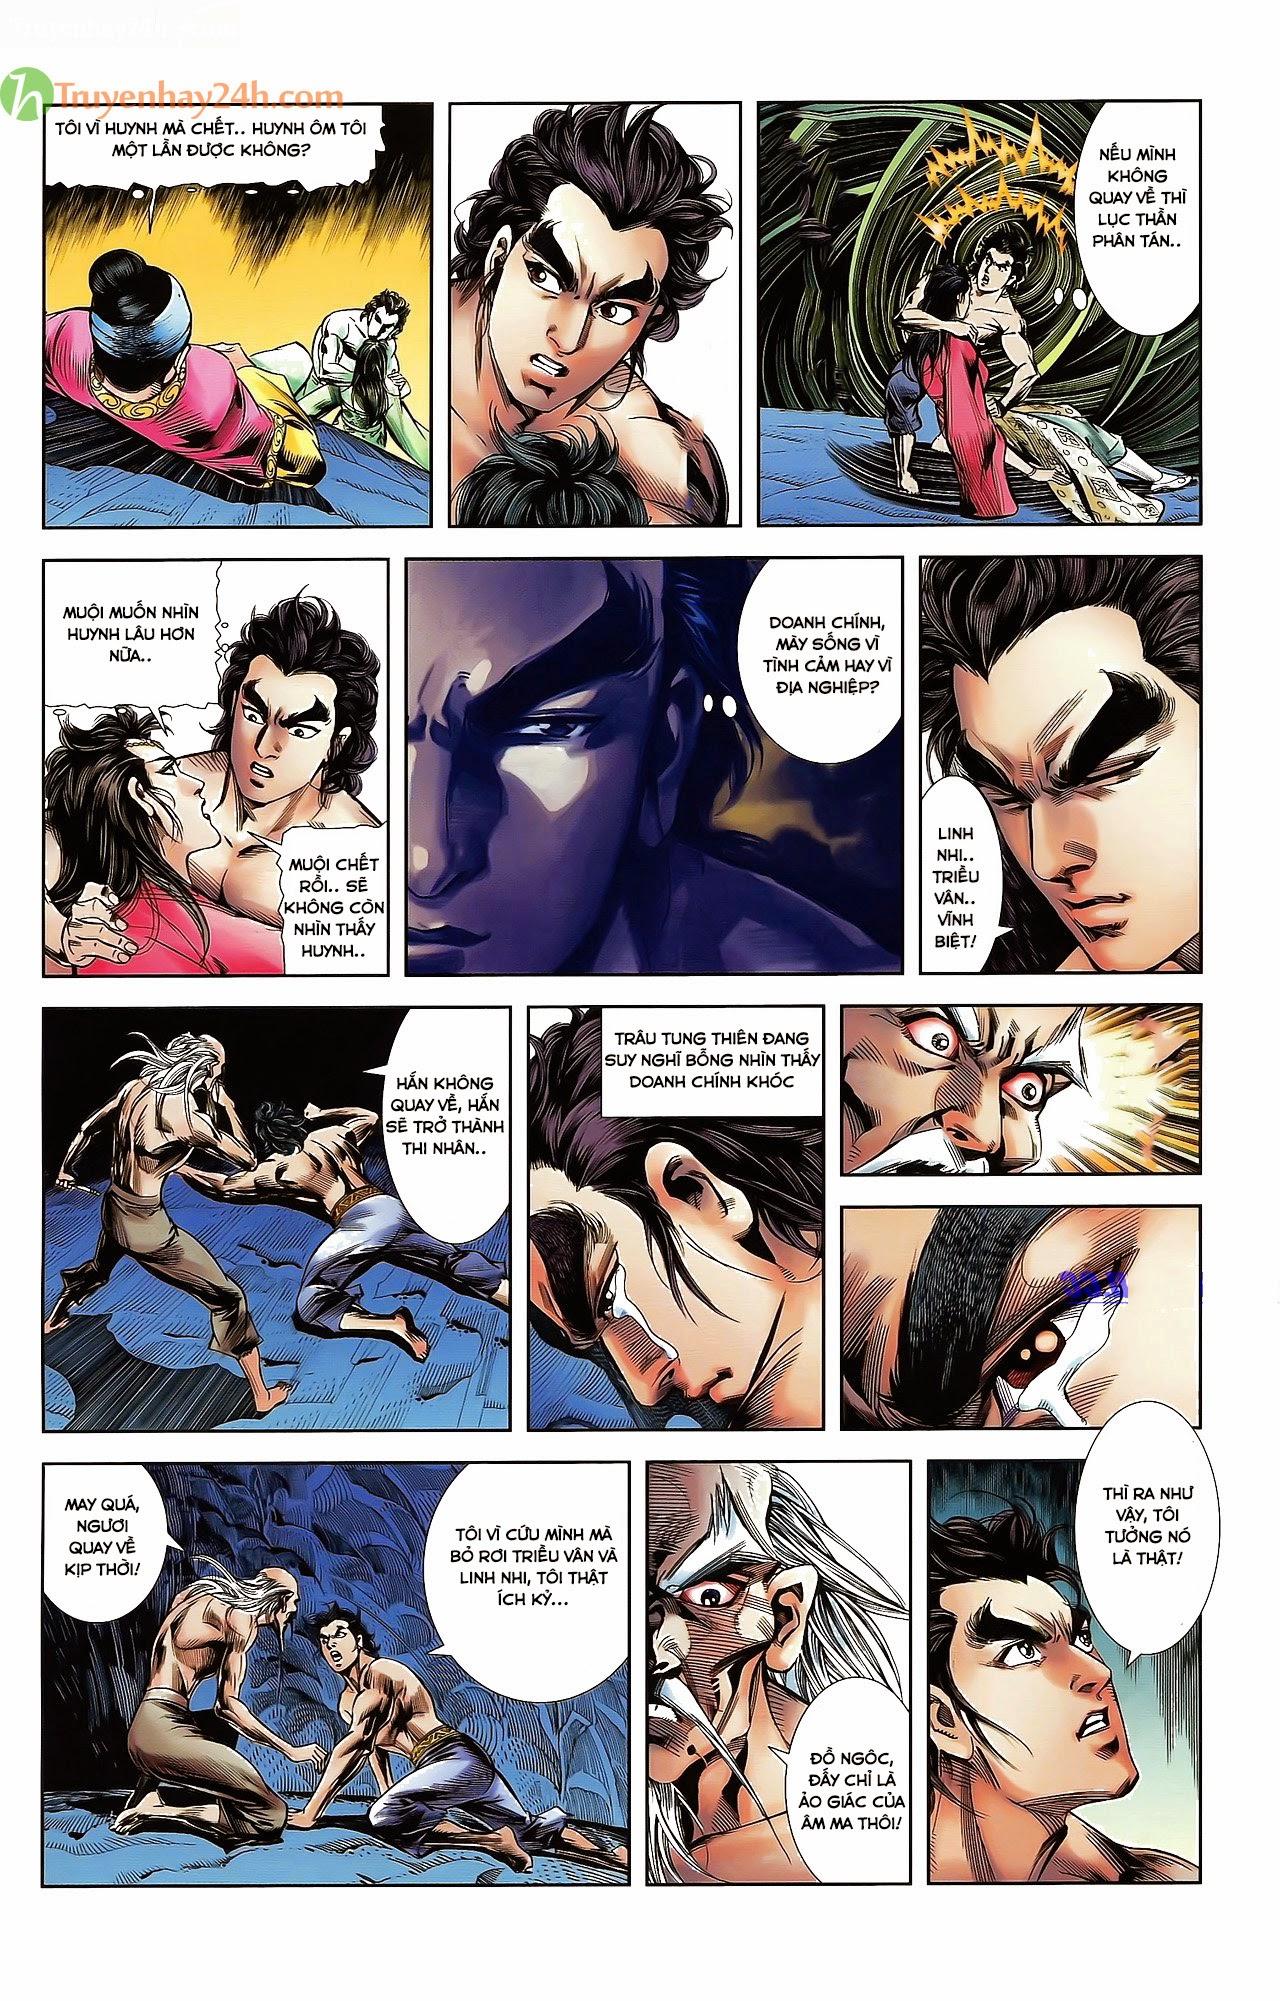 Tần Vương Doanh Chính chapter 30 trang 26